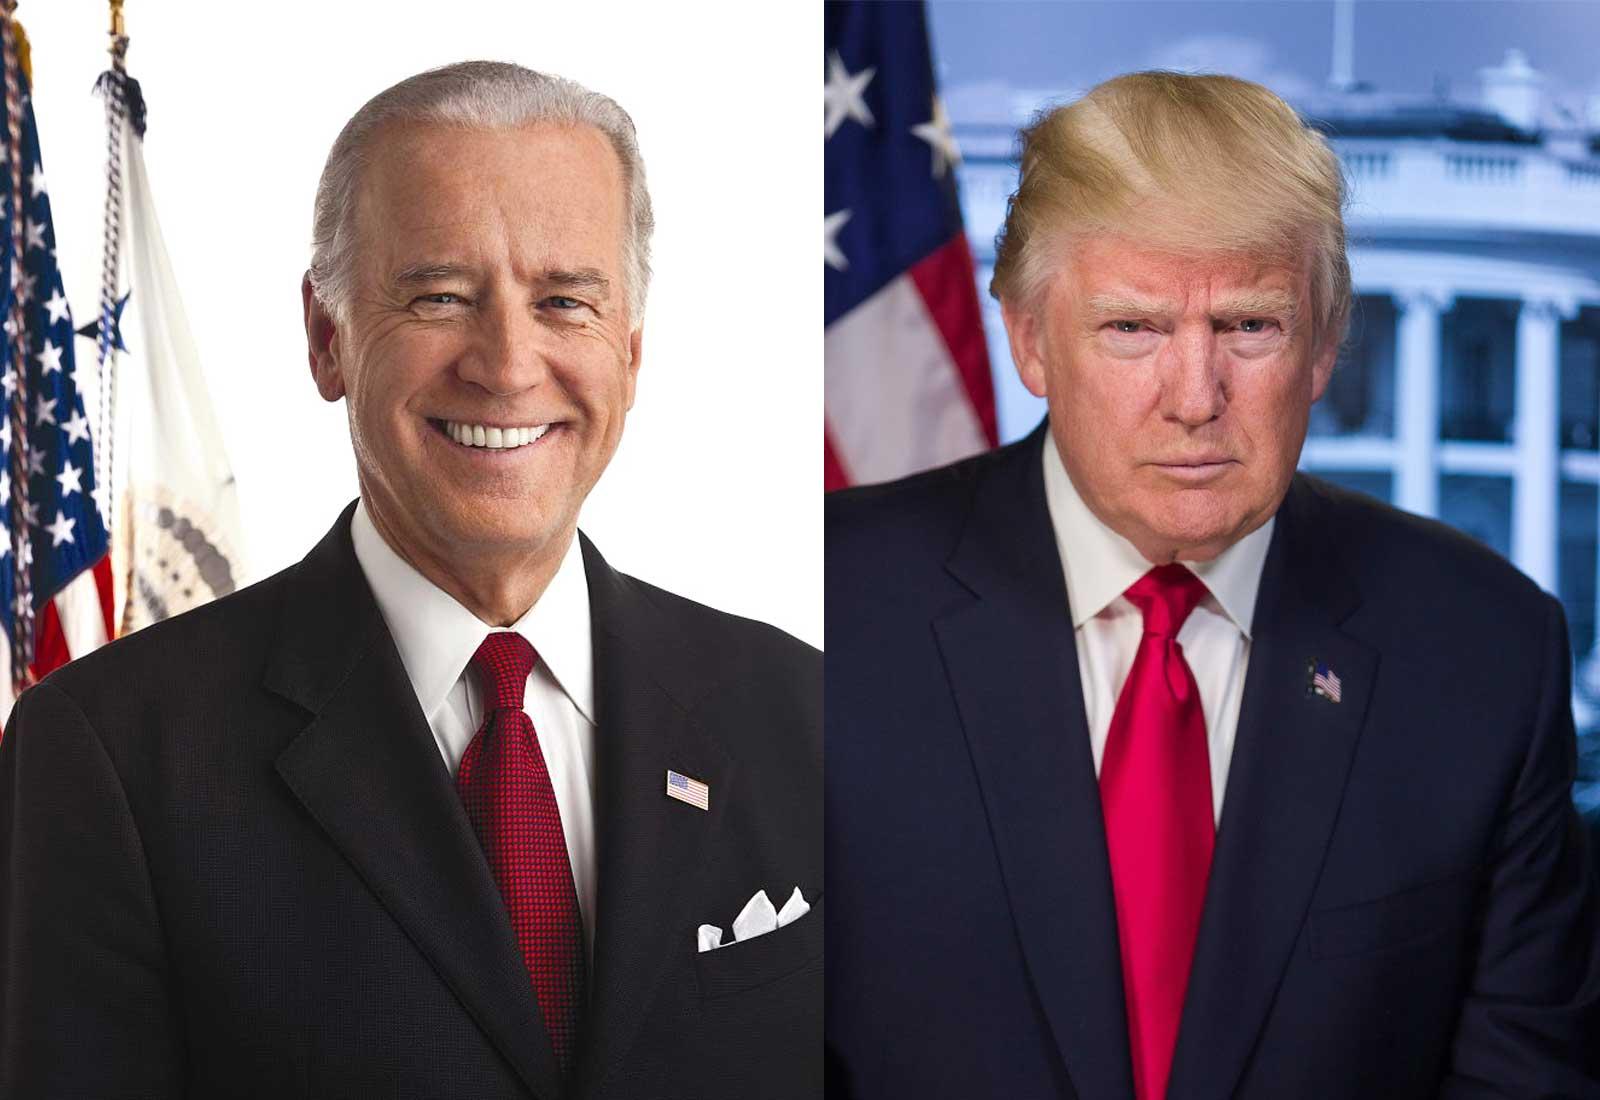 Donald Trump i Joseph Biden. Fotografies de la Biblioteca del Congrés dels EUA i d'Andrew Andy Cutraro.